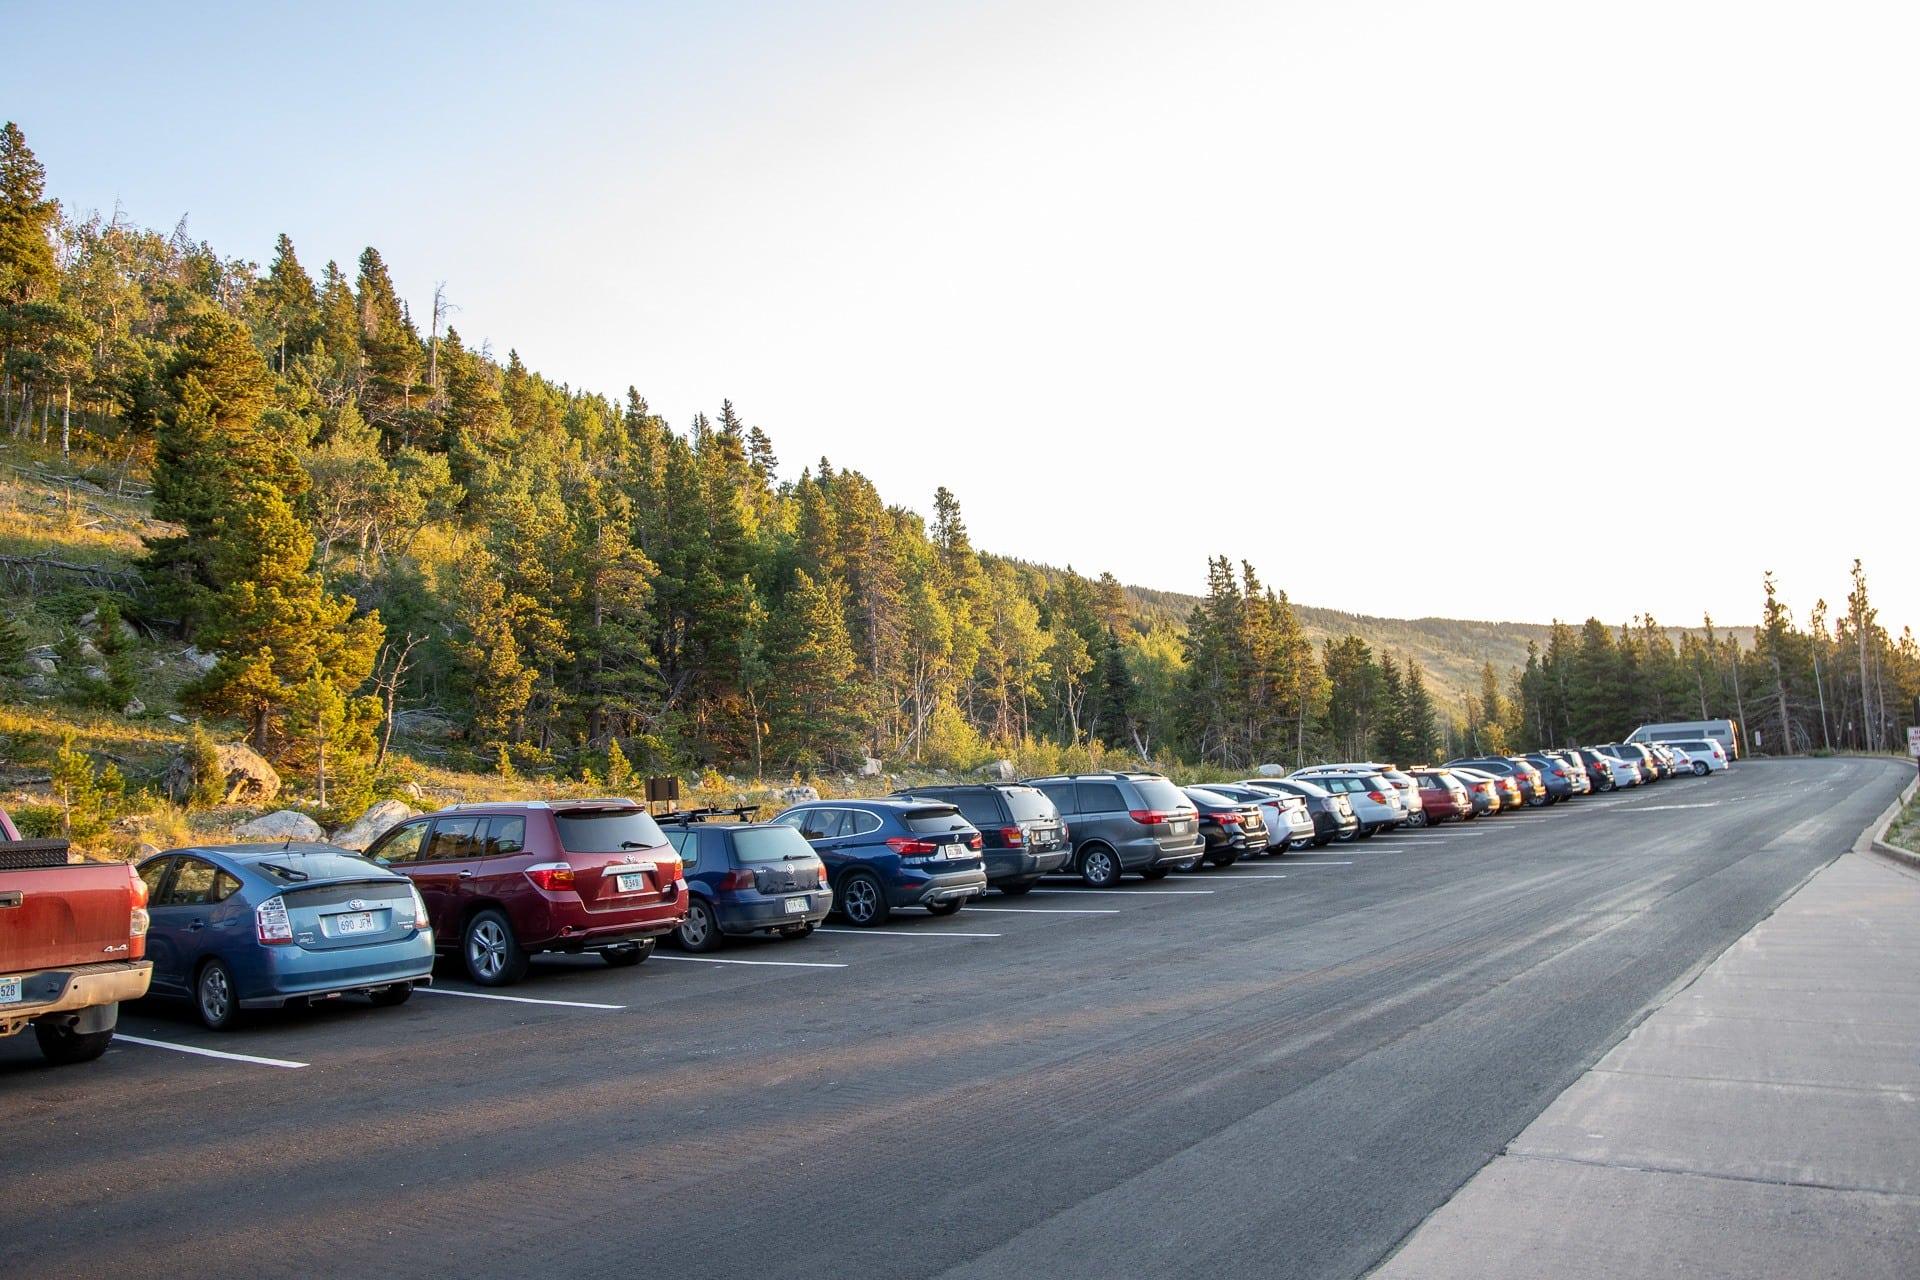 Parking lot at Glacier Gorge